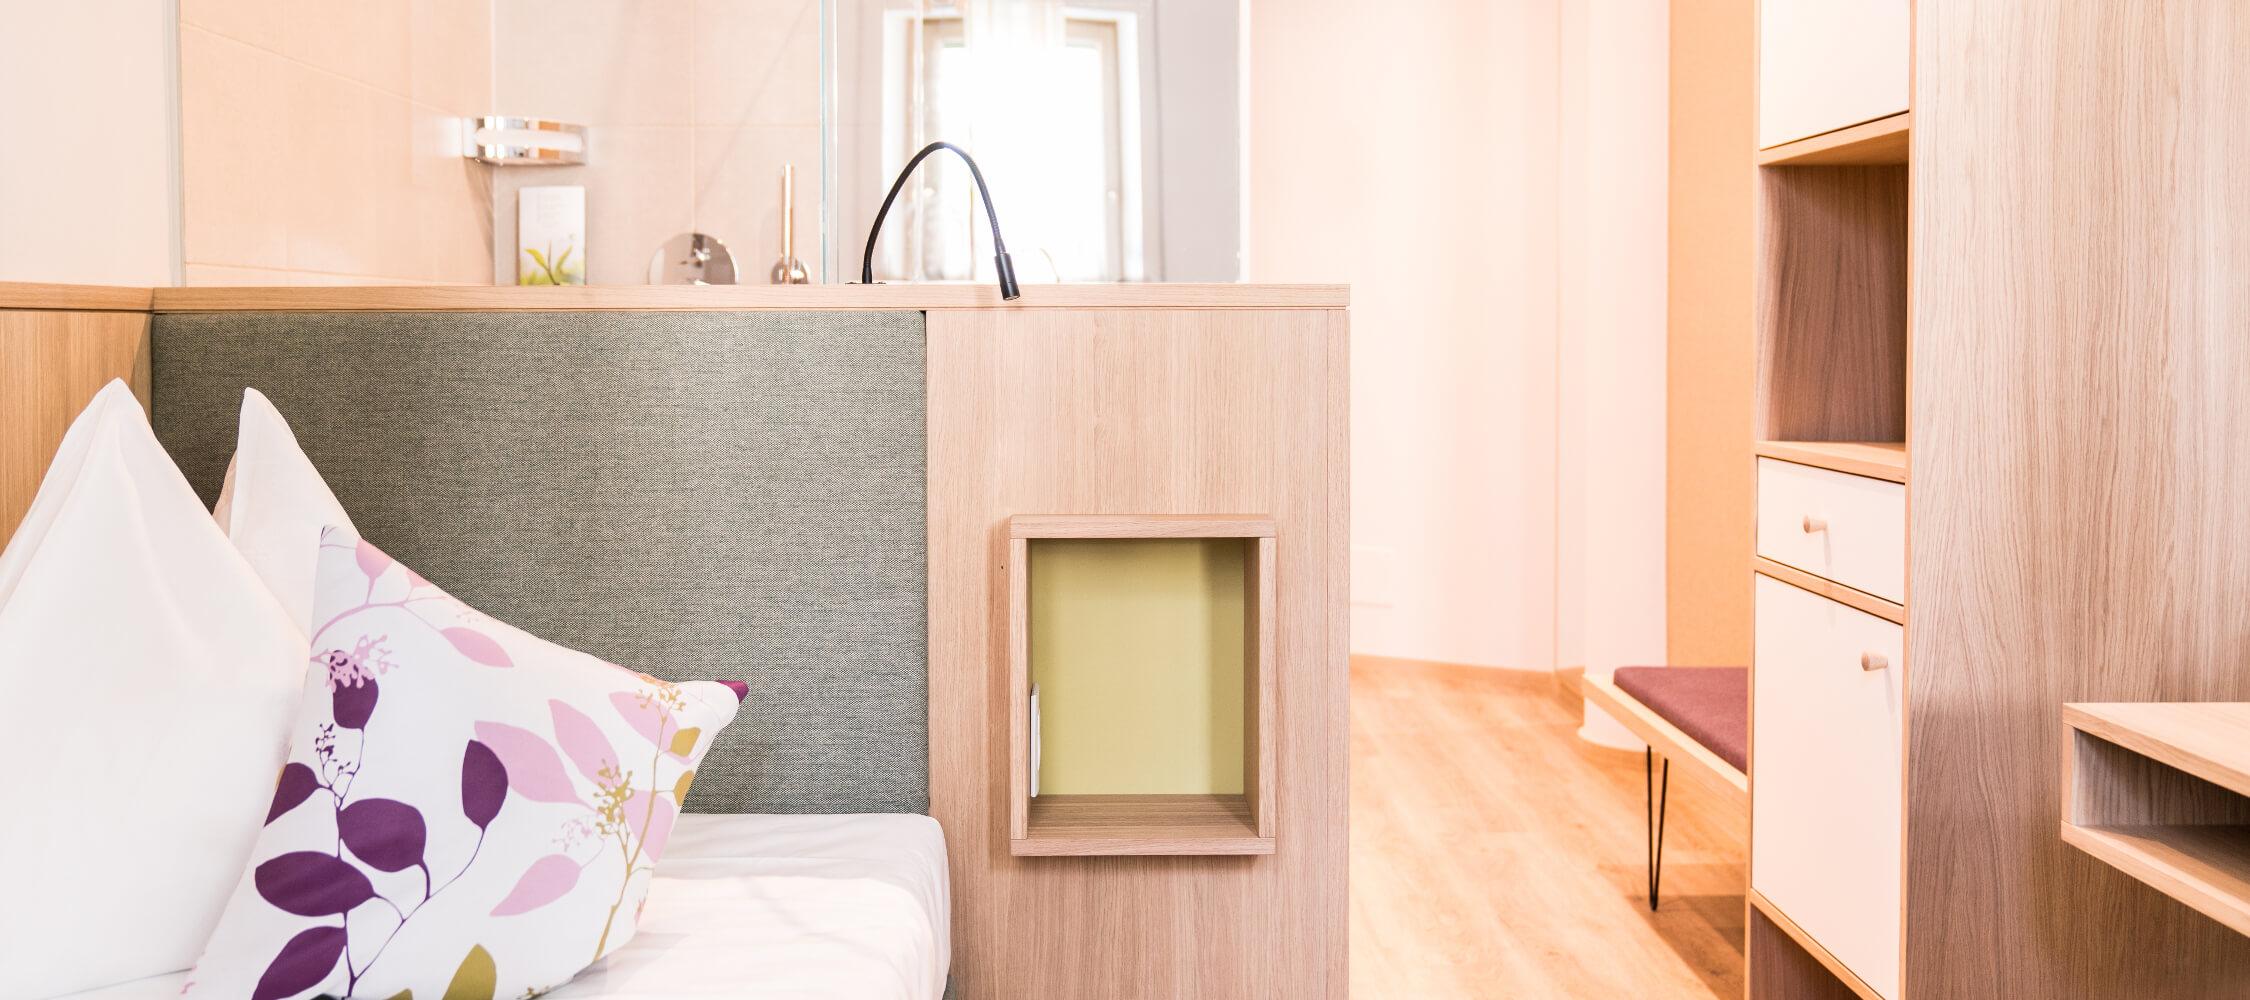 Hotel_Flora_Merano_Rooms_Einzelzimmer_Viola_DSC01052_2_BeatricePilotto_2250x1000